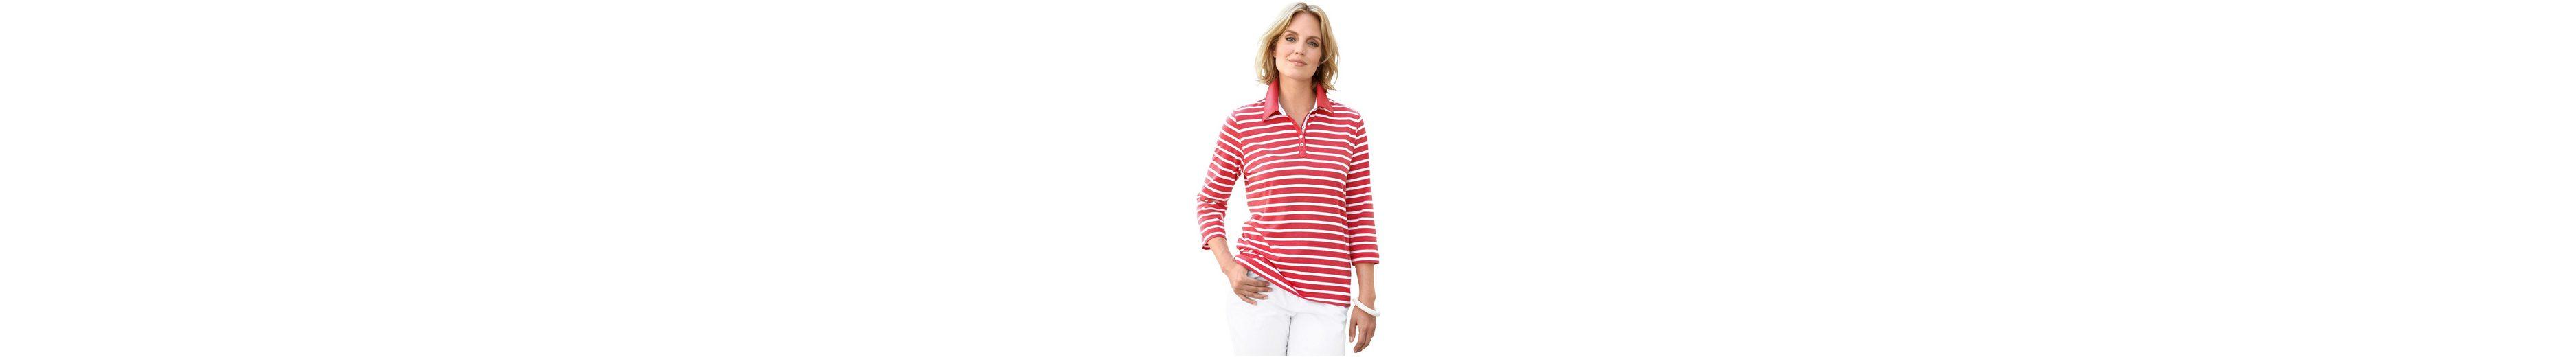 Collection L Poloshirt mit sportivem Ripsband Einkaufen Outlet Online Für Billigen Rabatt 2018 Neuer Günstiger Preis Beliebt Günstige Kaufladen OnacmpP0sA